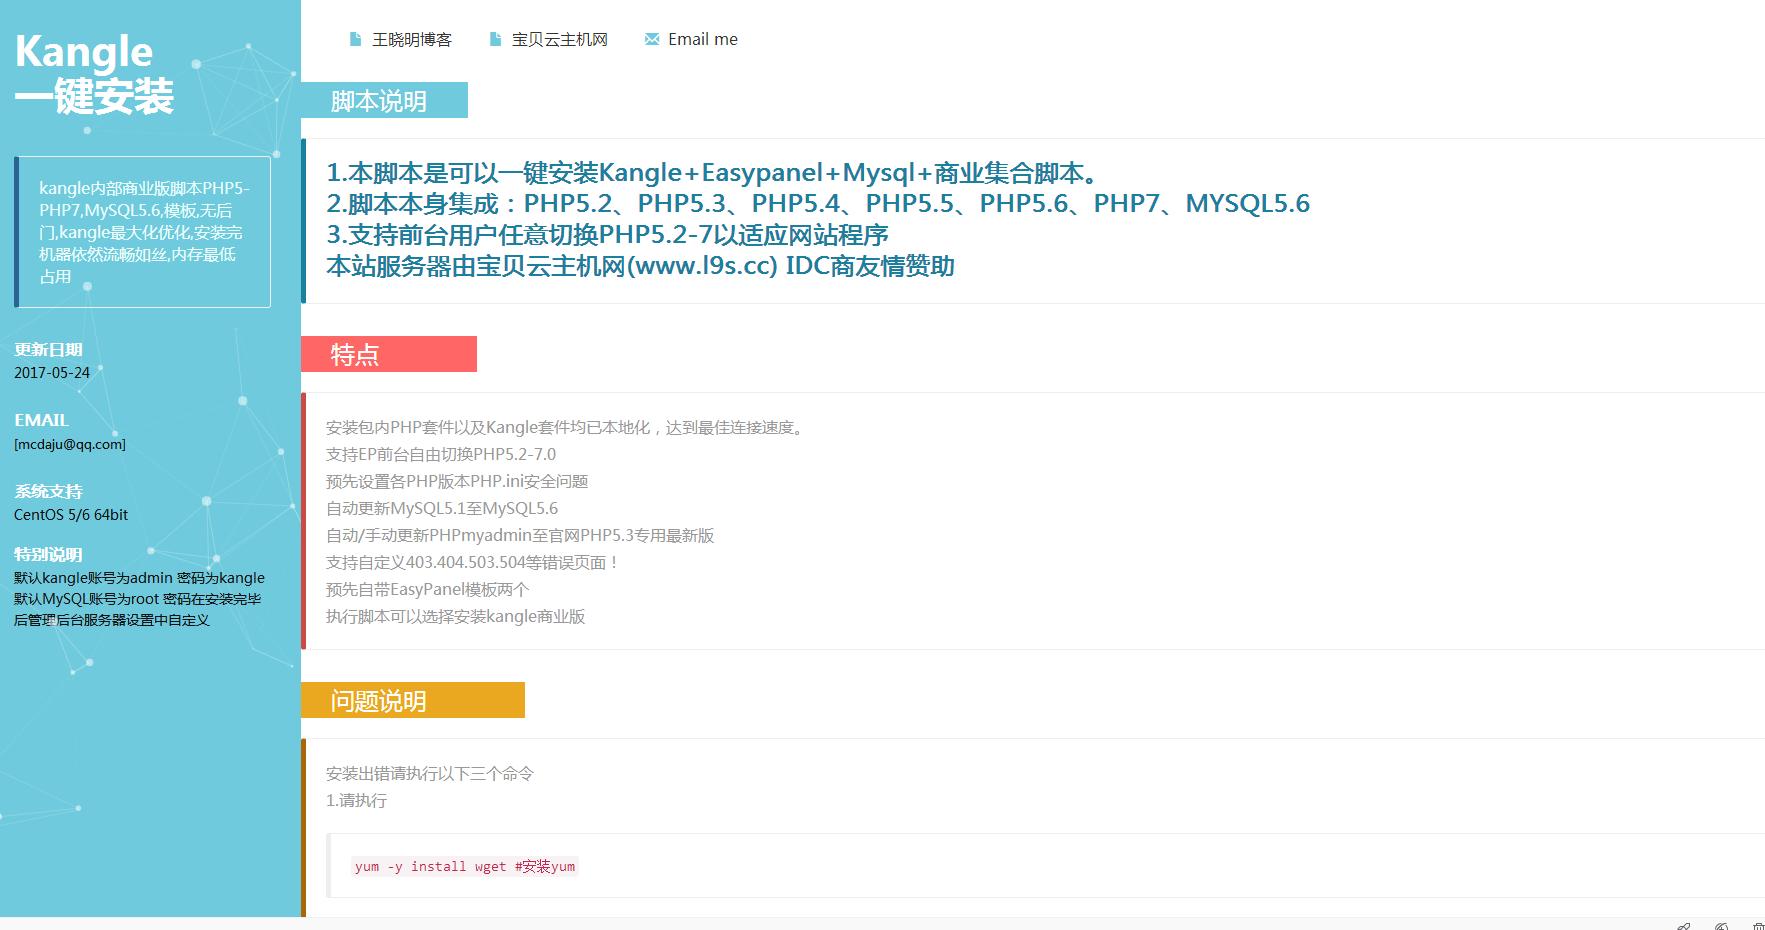 一个kangle的发布安装网页